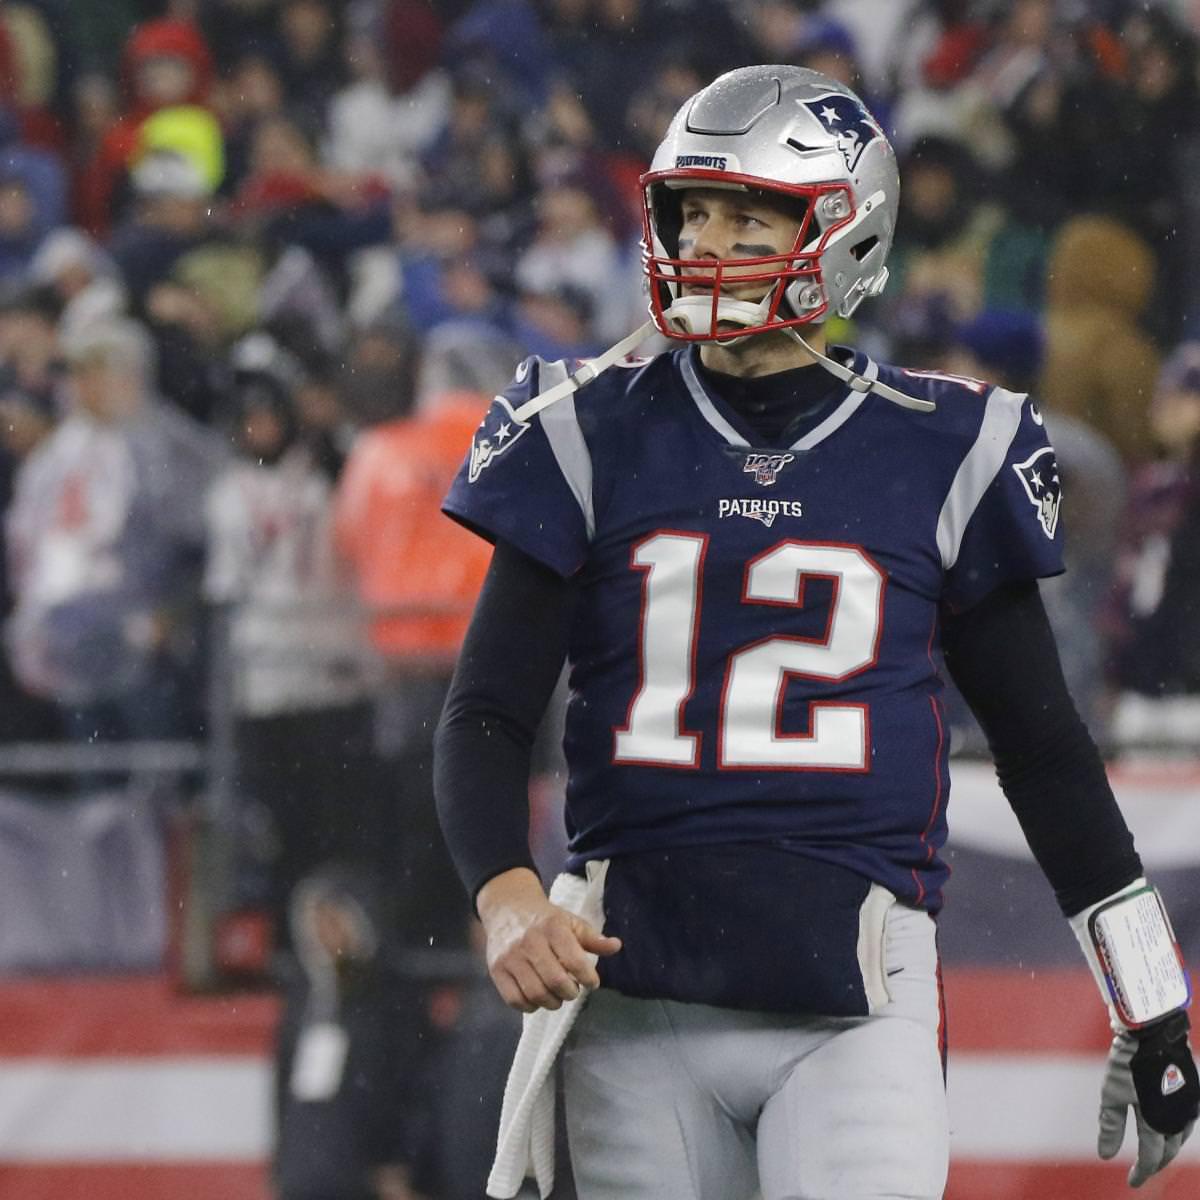 Rumores da NFL: mais recentes sobre os torcedores de Tom Brady, contrato dos Santos de Drew Brees e mais